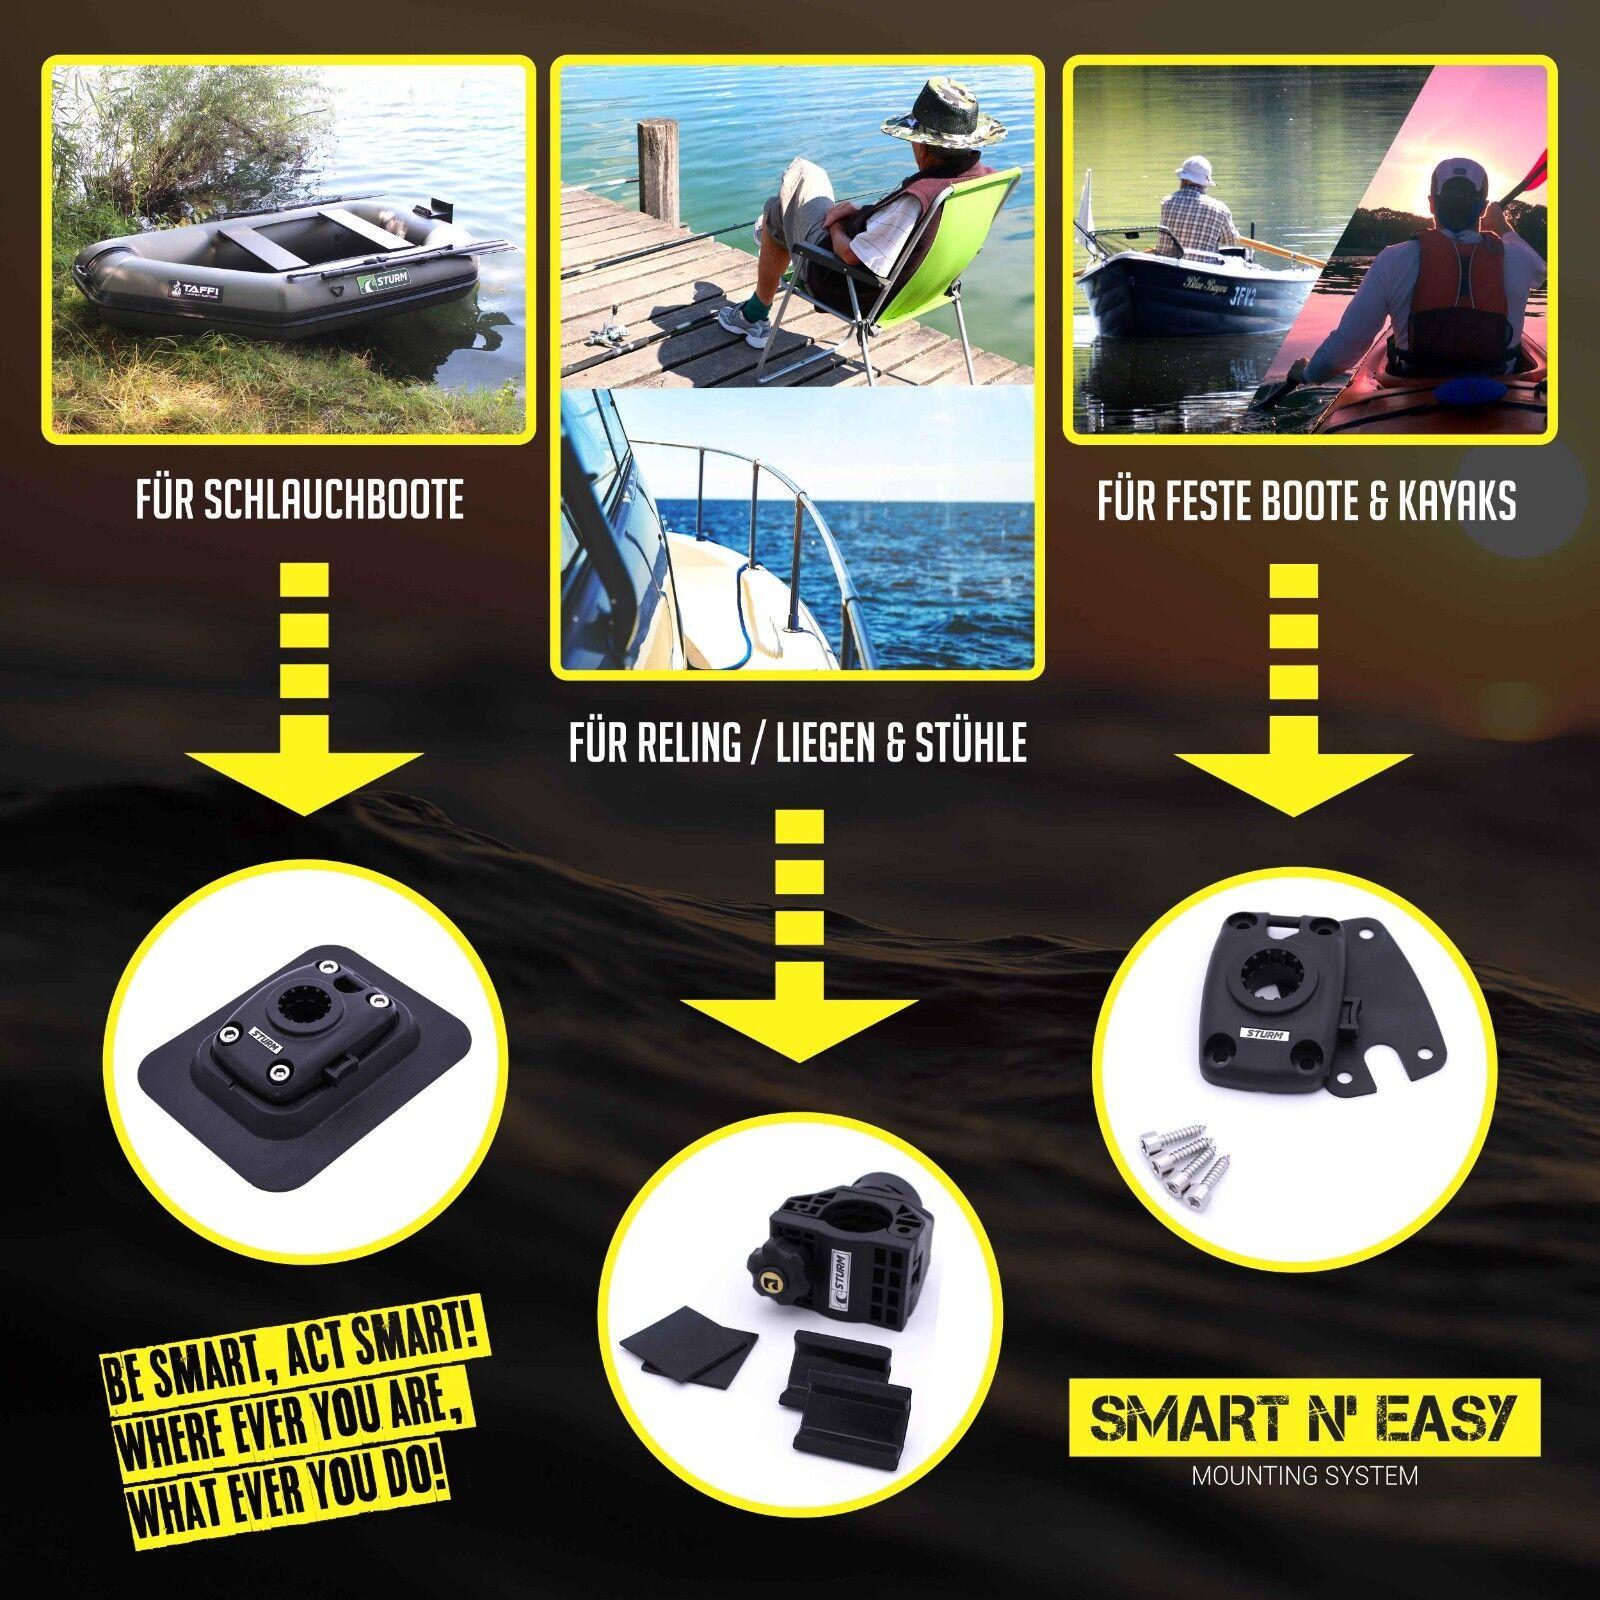 SMART N' EASY Rutenhalter eXtreme + Grundschloss für für Grundschloss Kayaks und (Schlauch-)Stiefele 72e77e